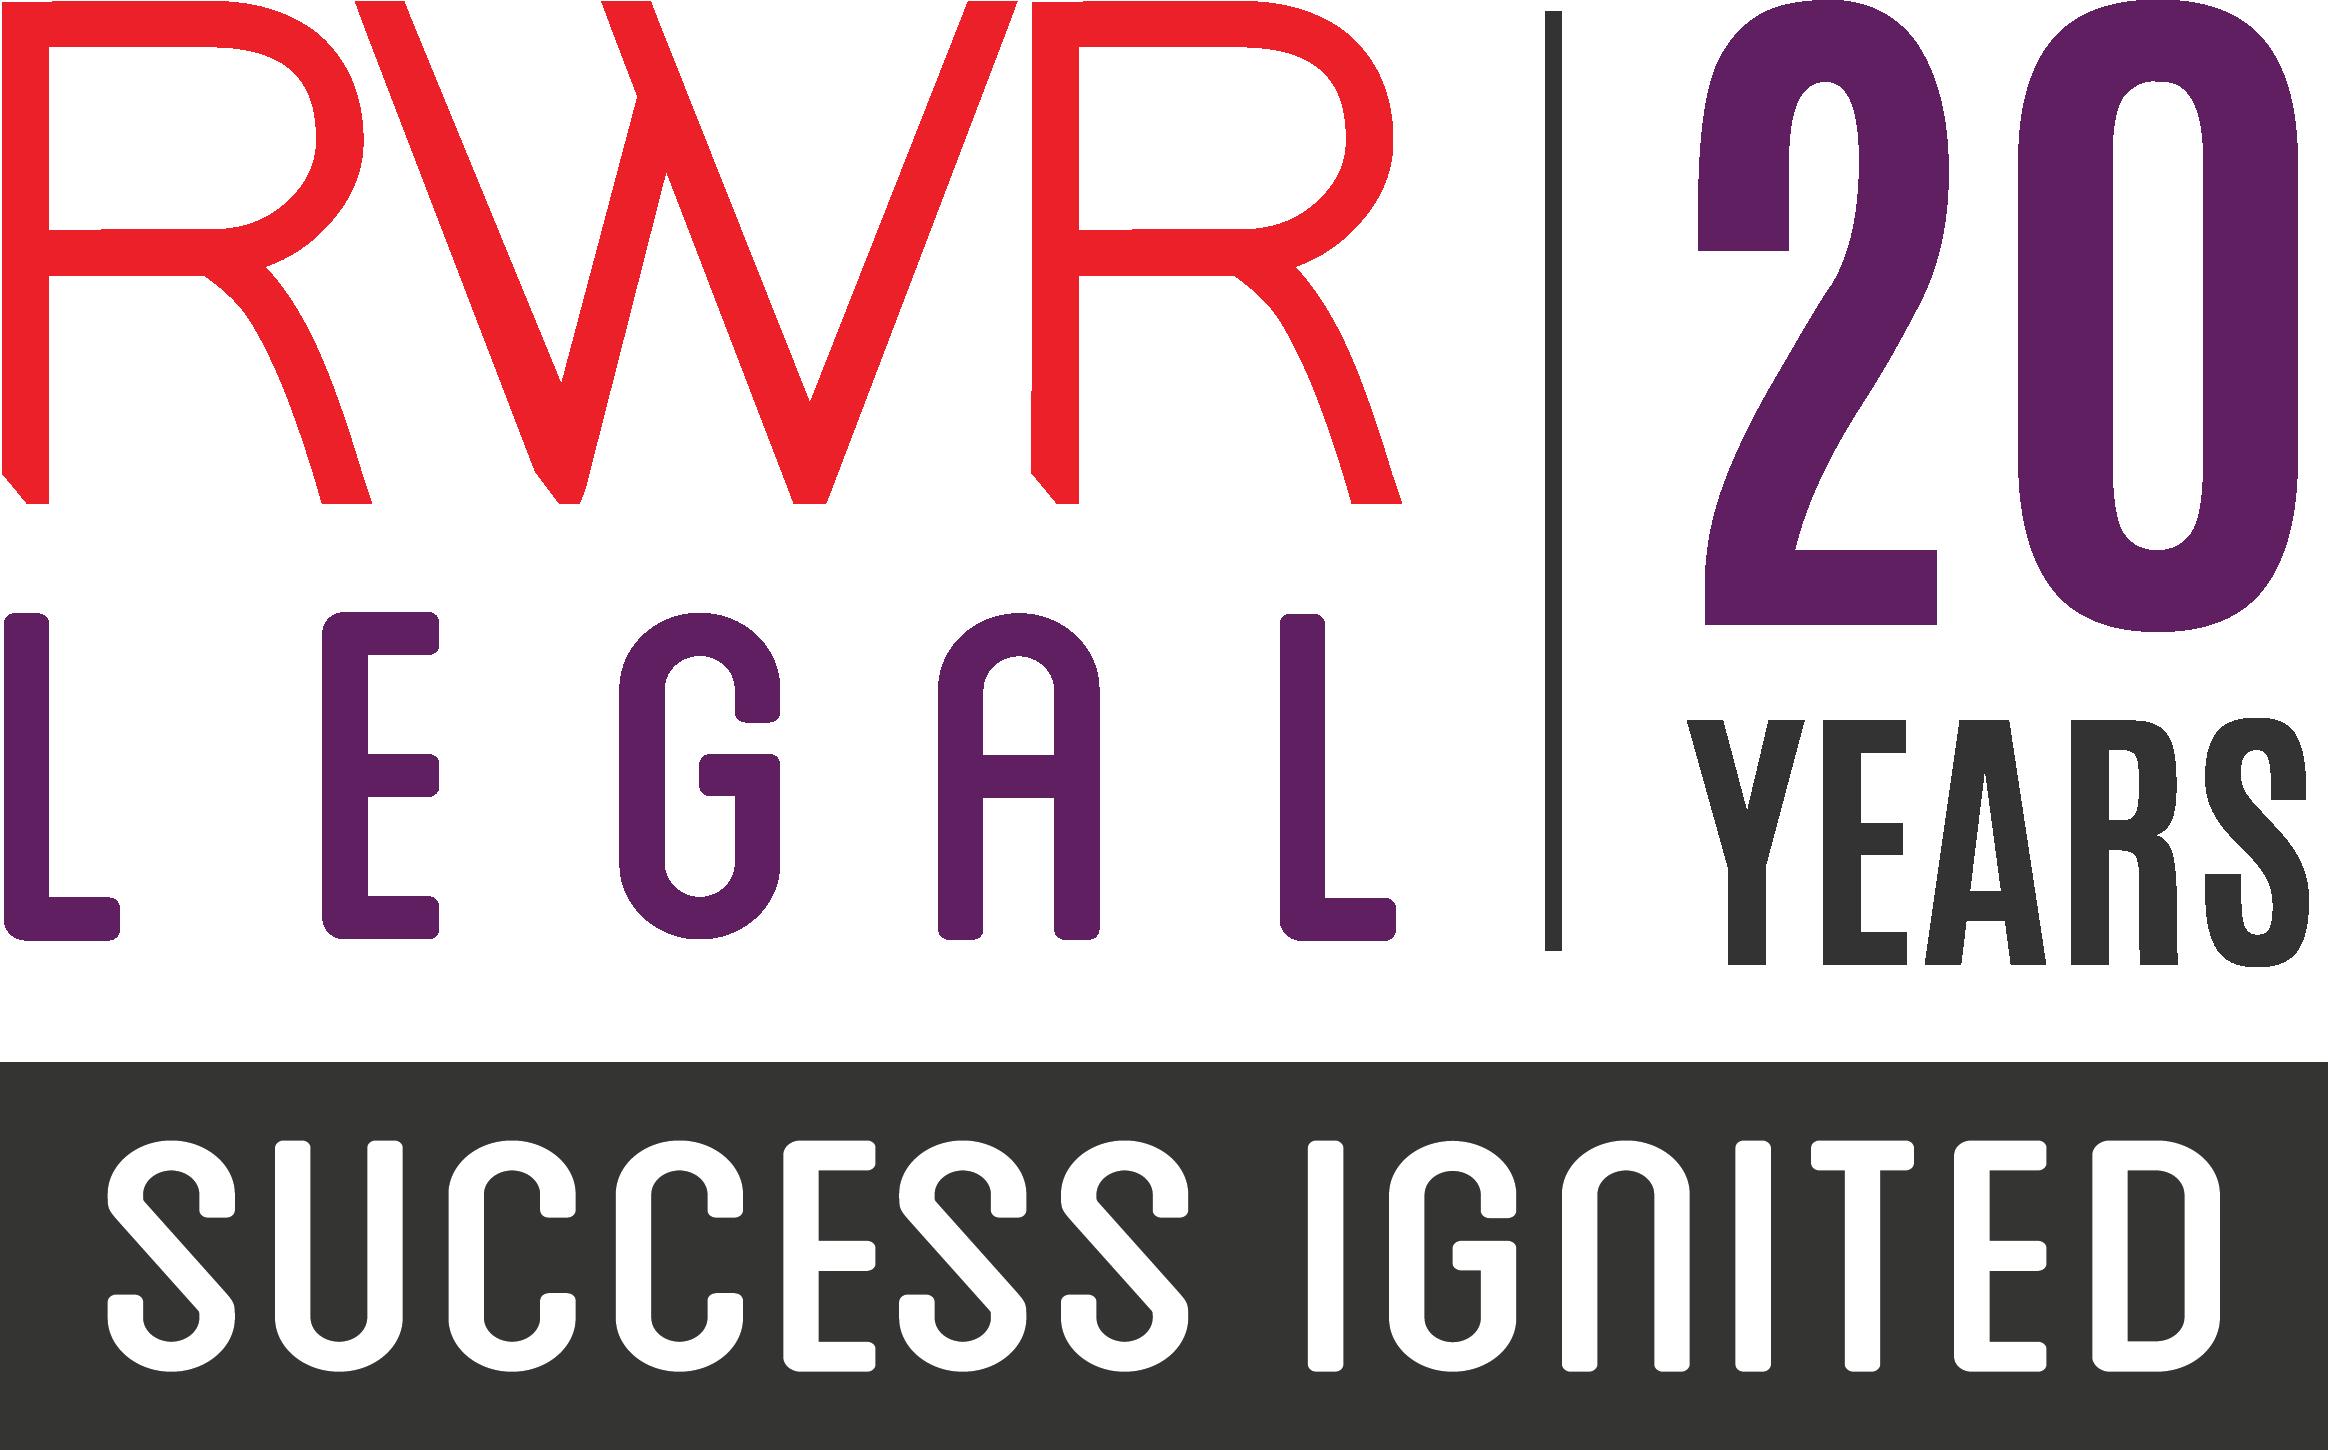 RWR_Legal_Logo_20_Tag.png